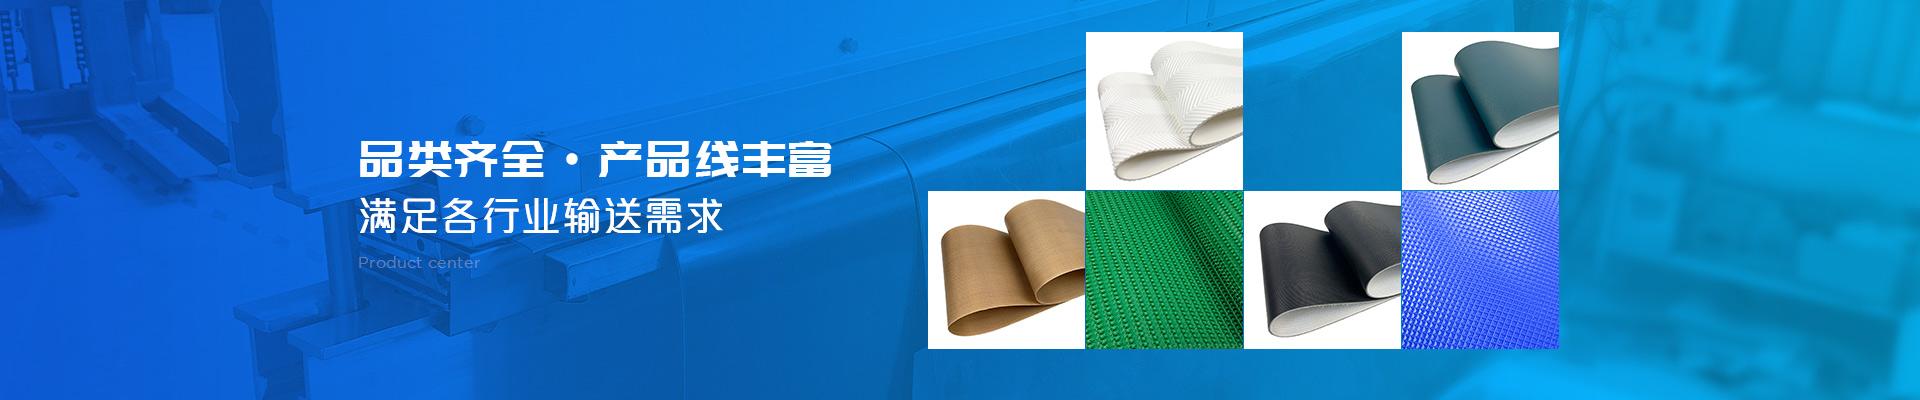 艾帝斯输送带-品类齐全·产品线丰富